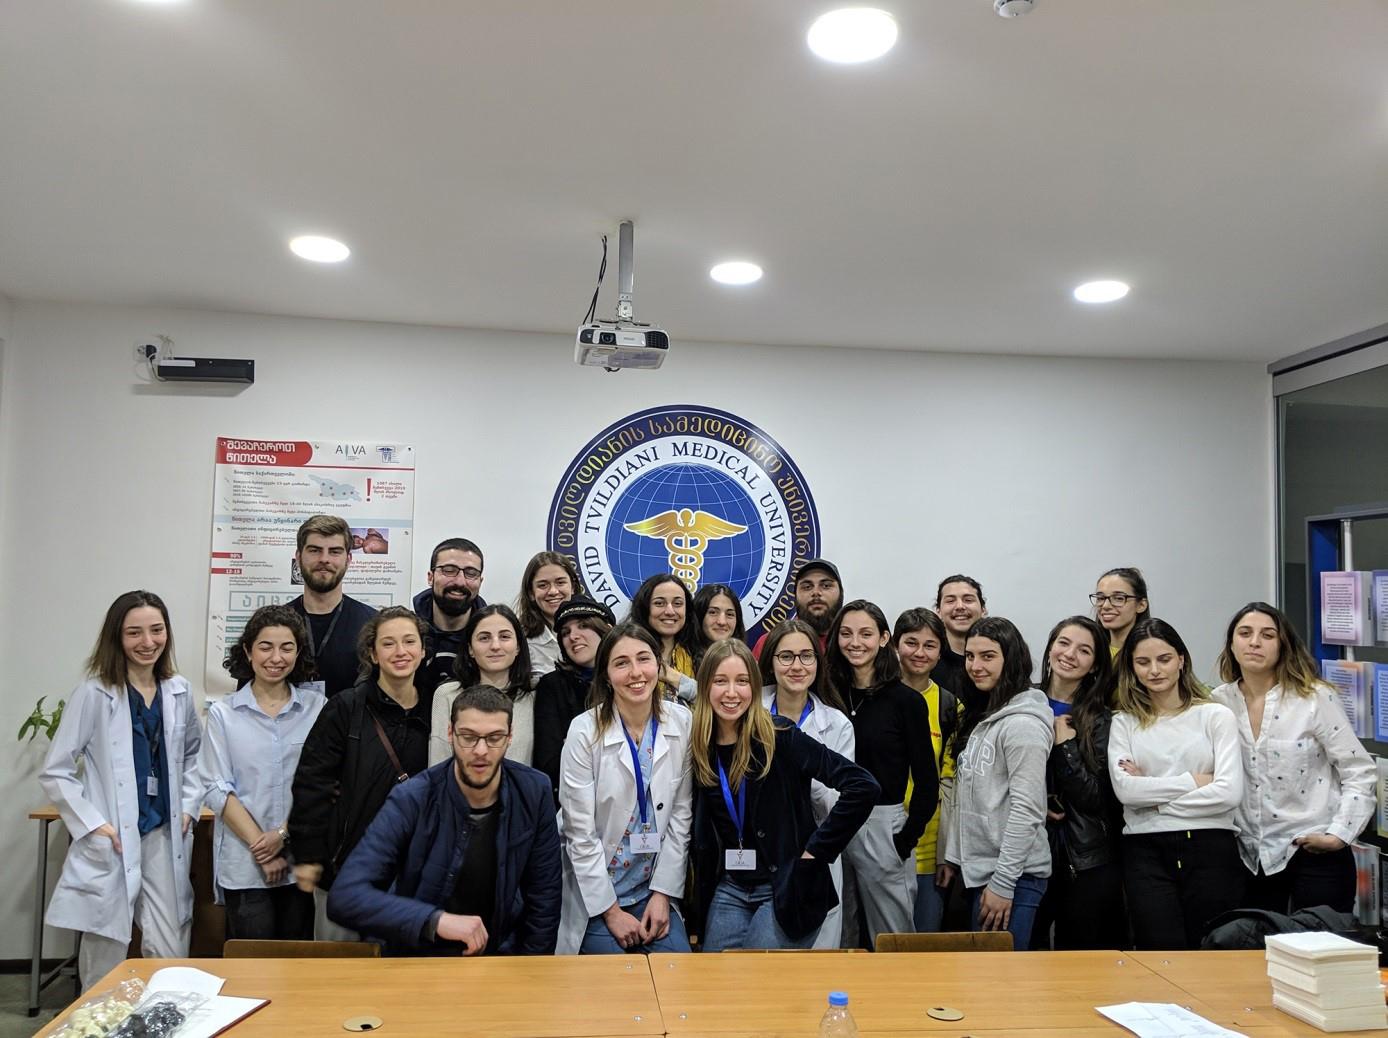 اخذ پذیرش از دانشگاه های در گرجستان